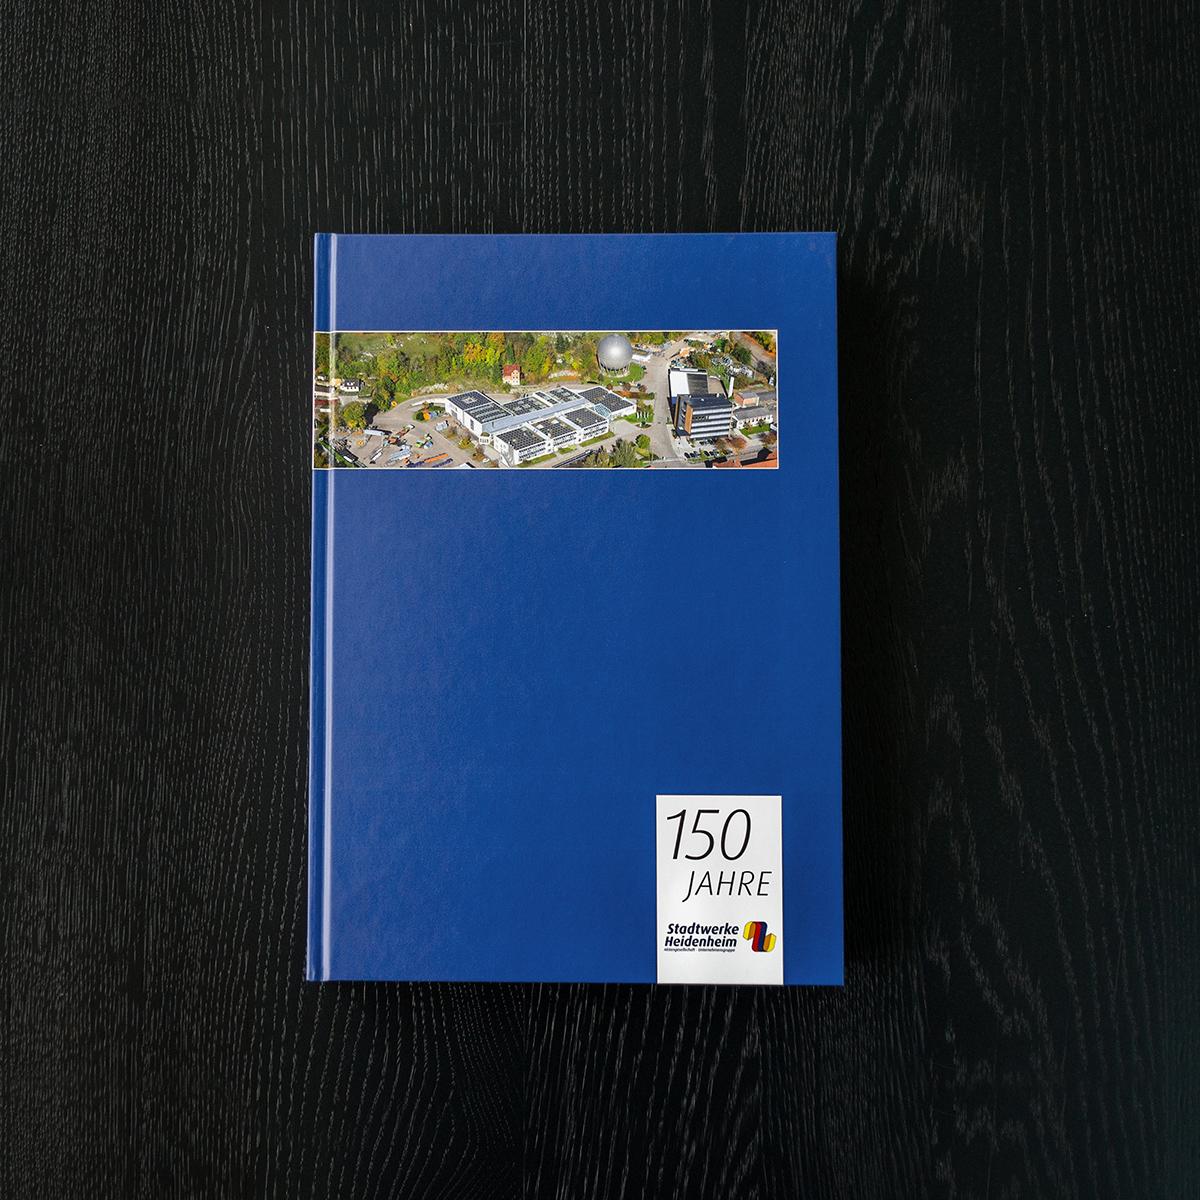 Werbeagentur Heidenheim chronik stadtwerke heidenheim werbeagentur hüper gmbh heidenheim